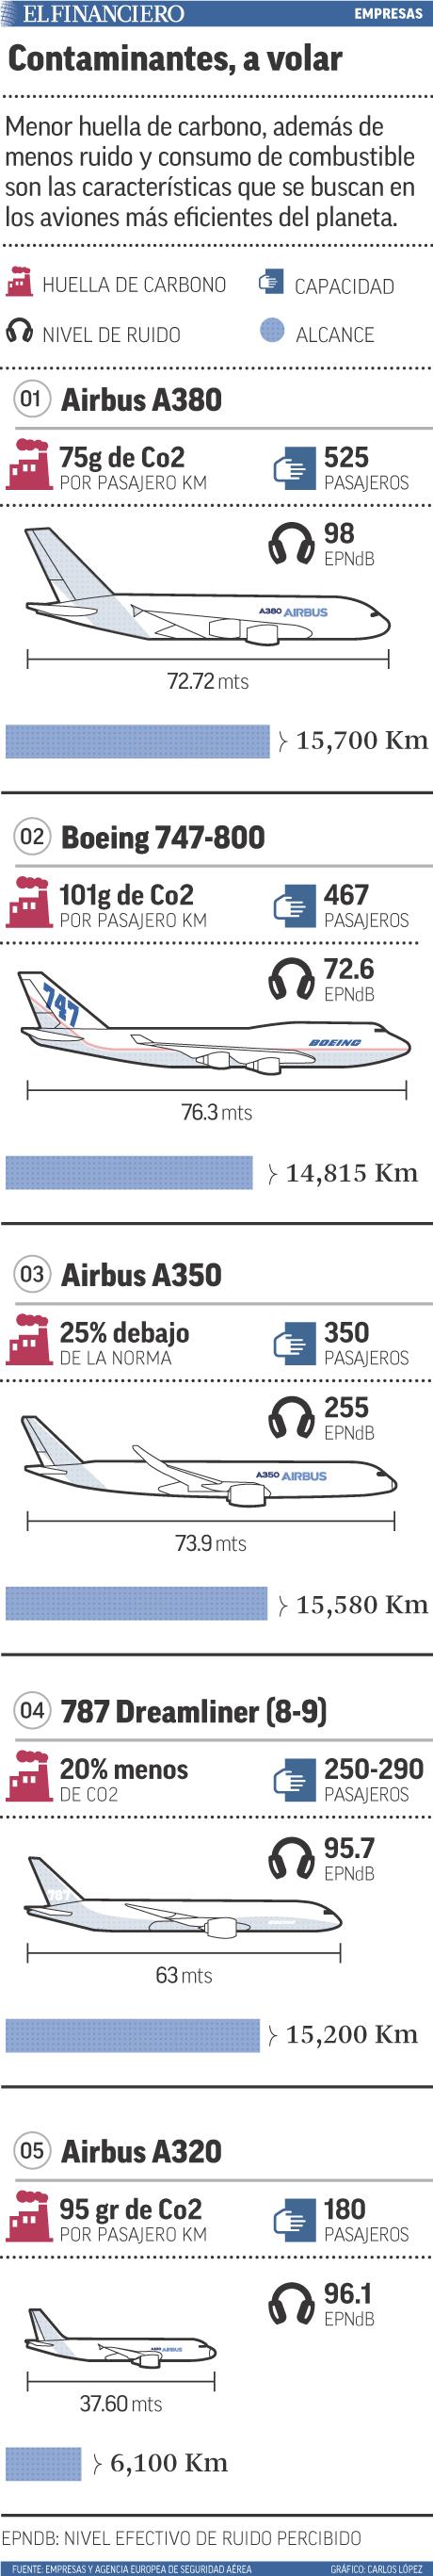 Menor huella de carbono, además de menos ruido y consumo de combustible son las características que se buscan en los aviones más eficientes del planeta